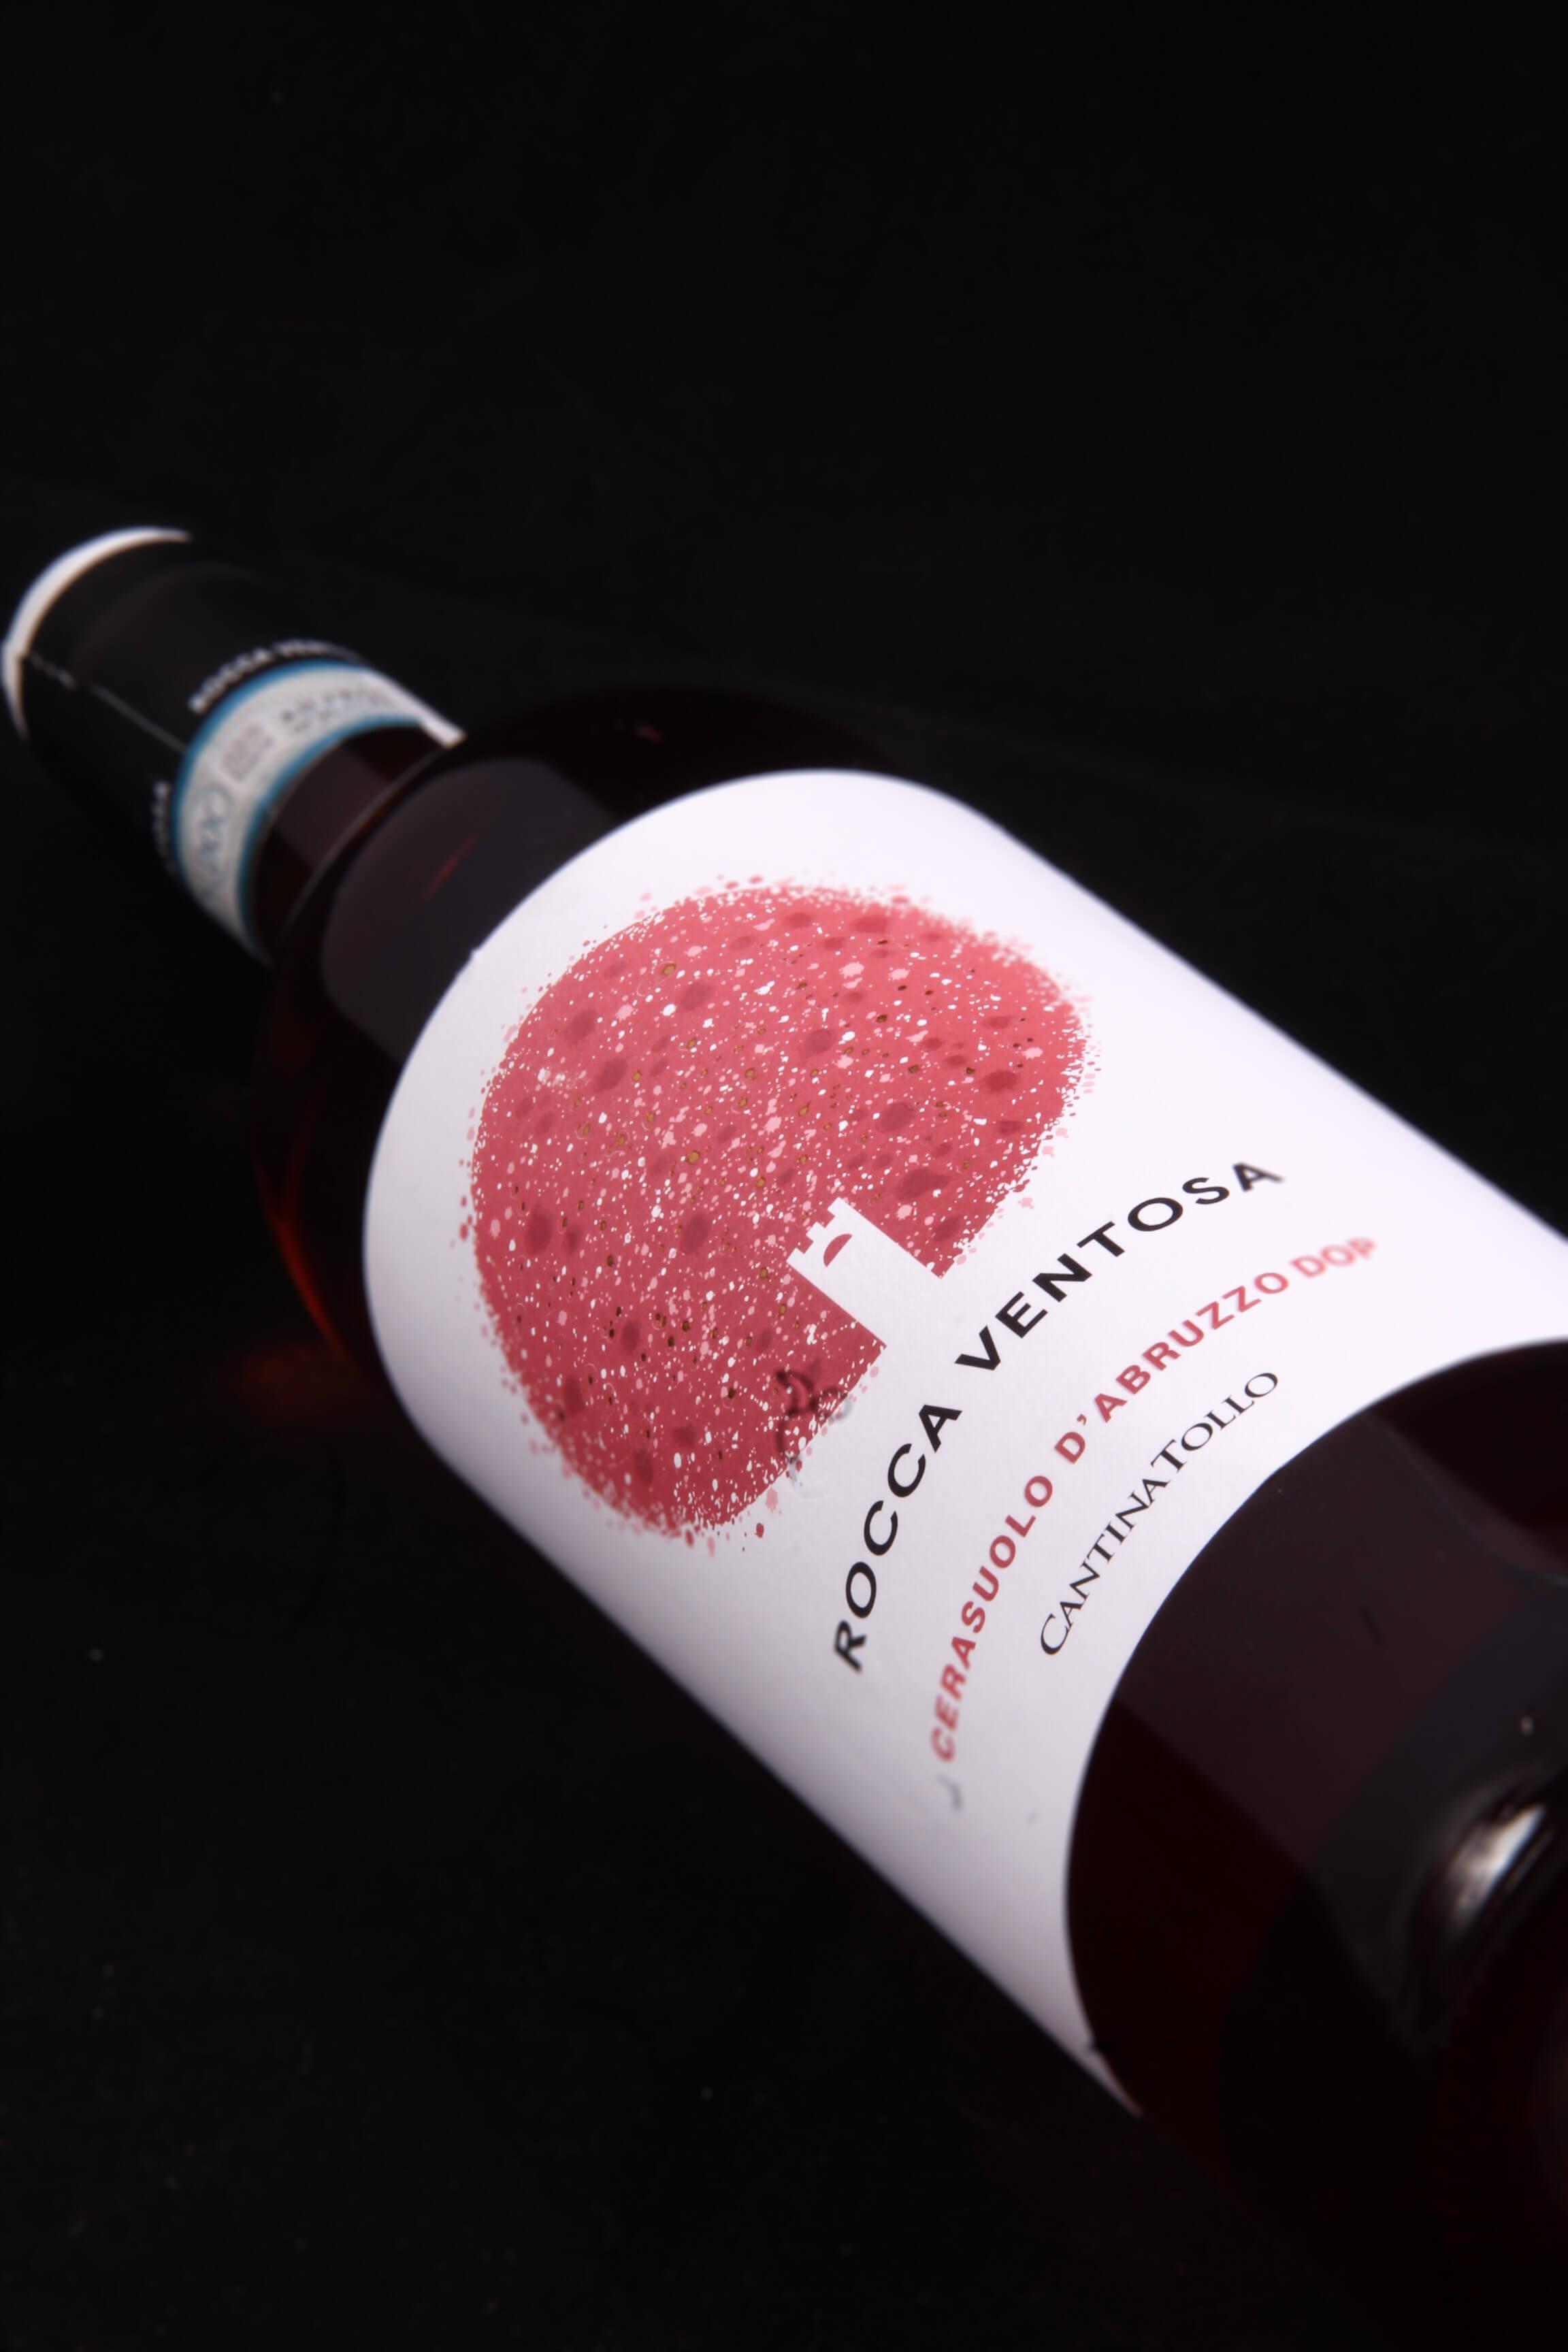 vino_nostrum-importadora_de_vinos_y_alimentos_ok39